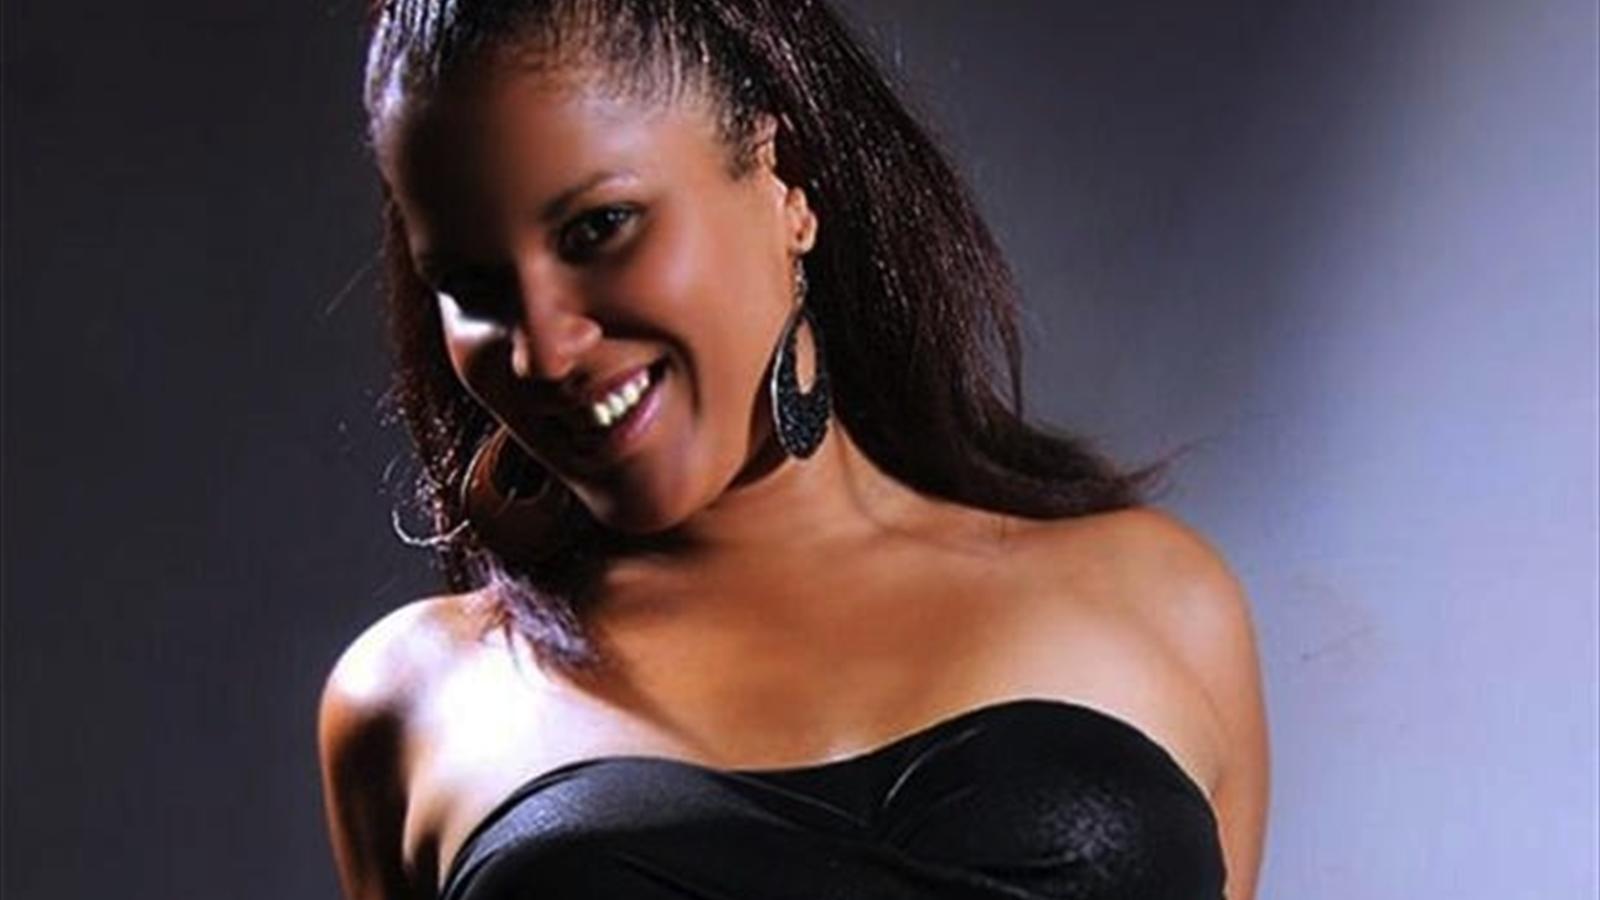 Actriz Porno Del Betis una actriz porno sorteará una noche de sexo si el barça gana